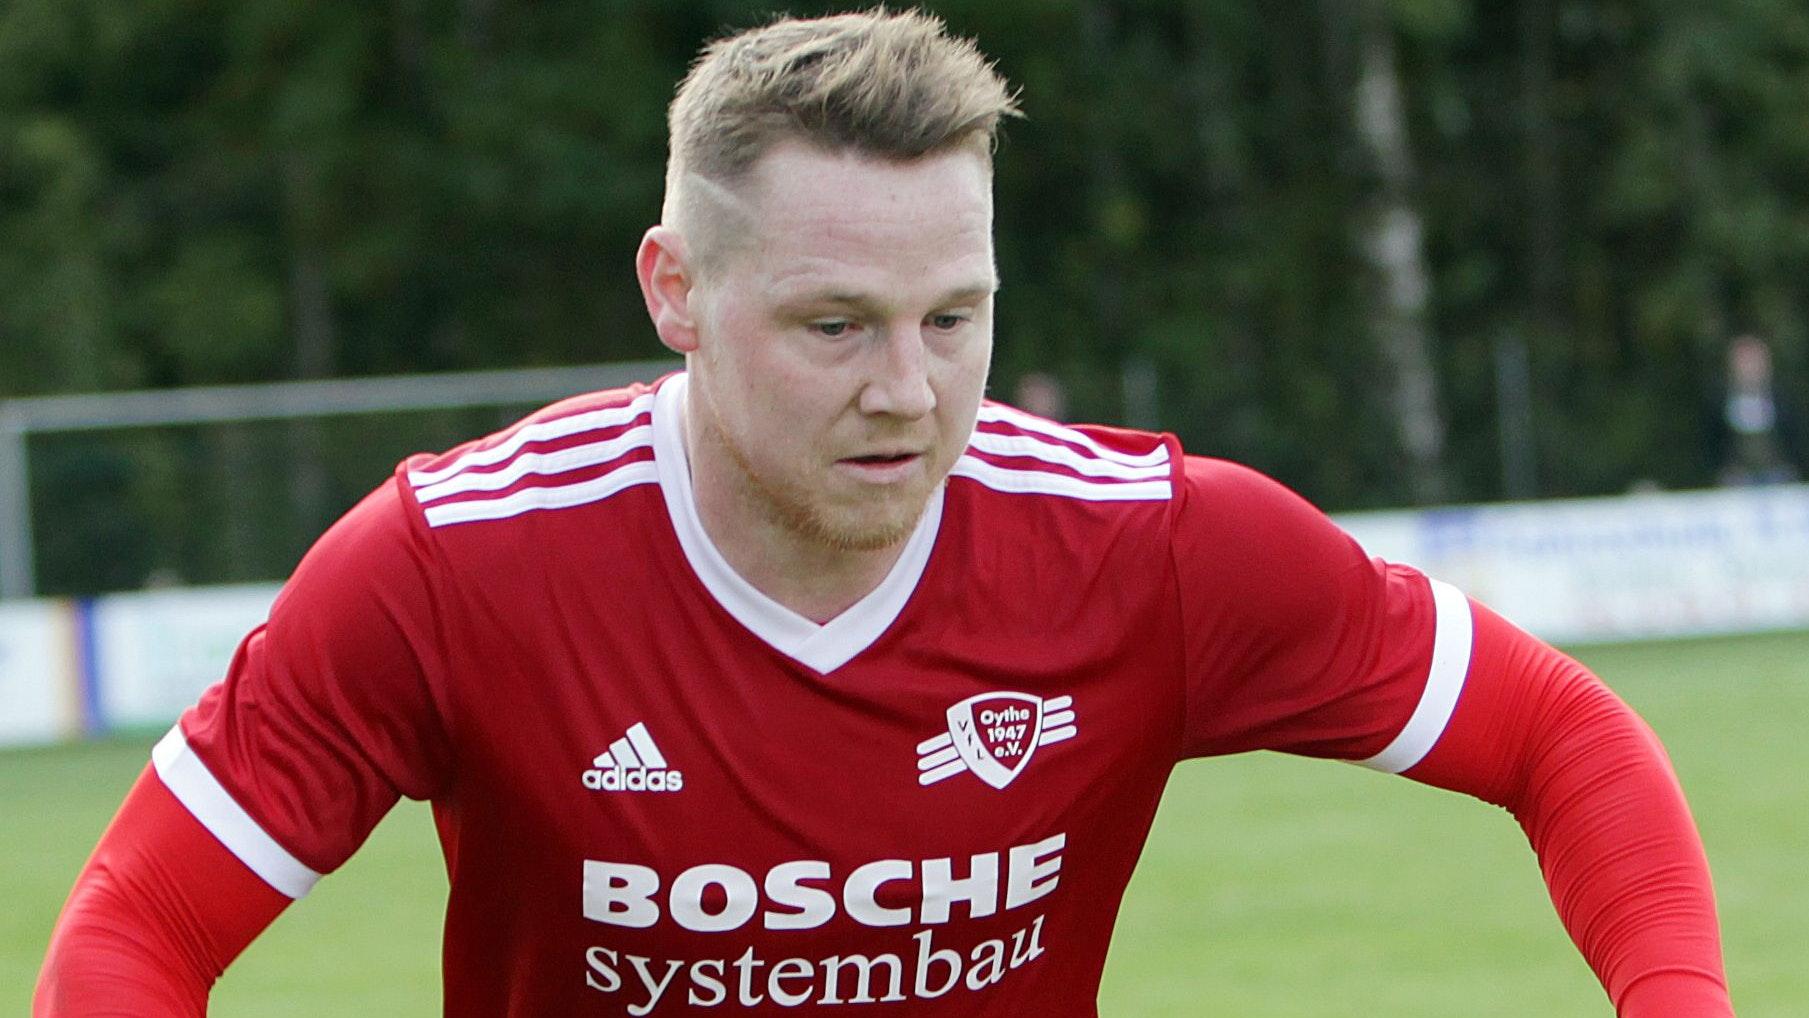 40 Saisontore – ohne Elfmeter: Tim Wernke traf in der Landesliga-Saison 2011/12 fast nach Belieben für den VfL Oythe. Foto: Schikora